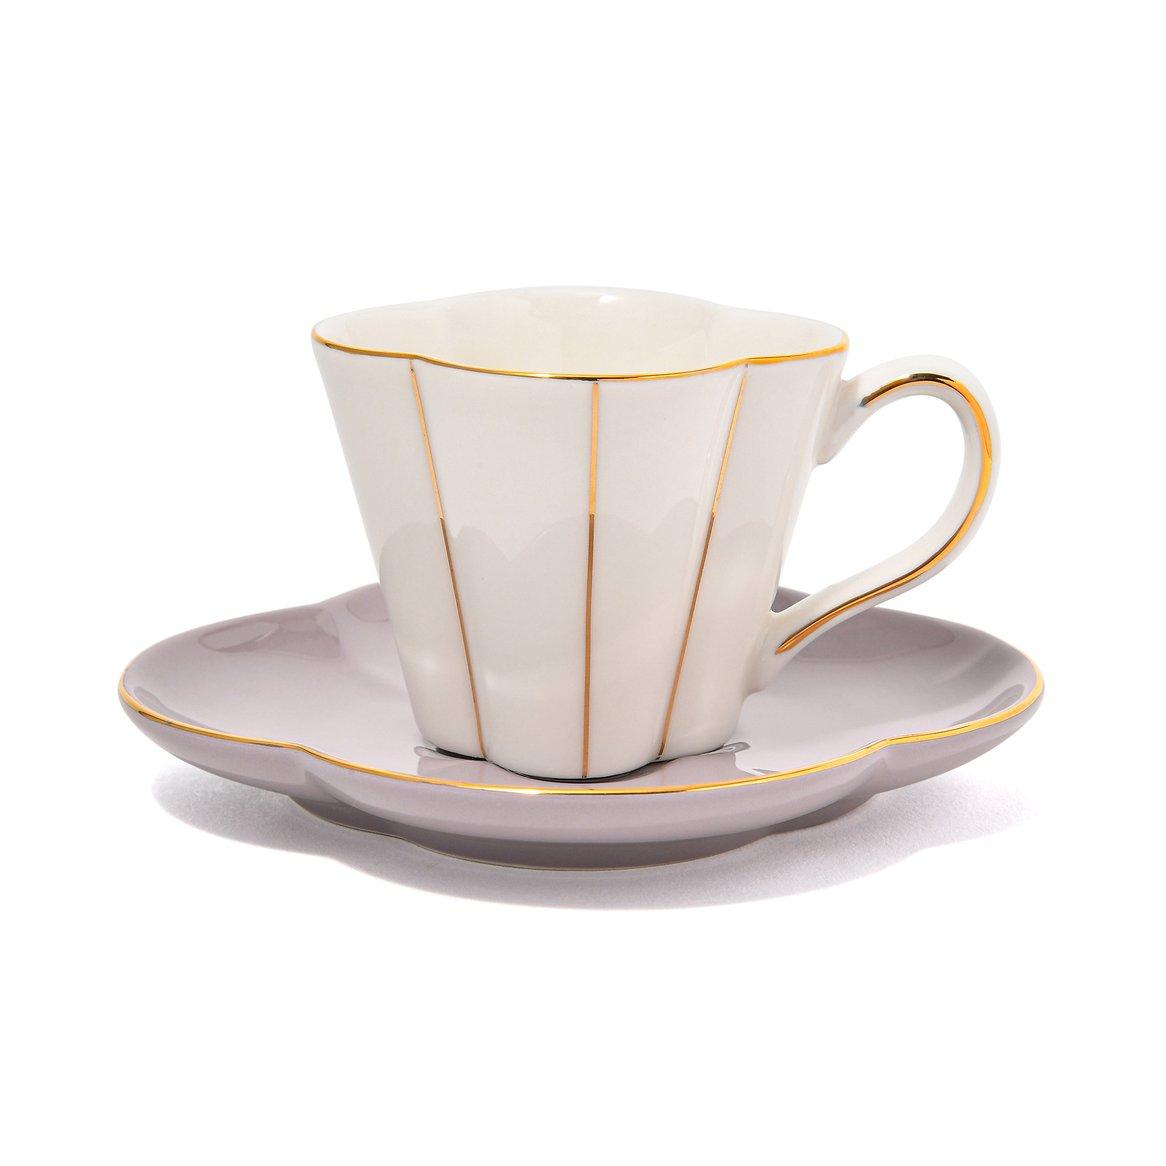 Francfranc(フランフラン) おうちカフェセット 2 personsの商品画像23